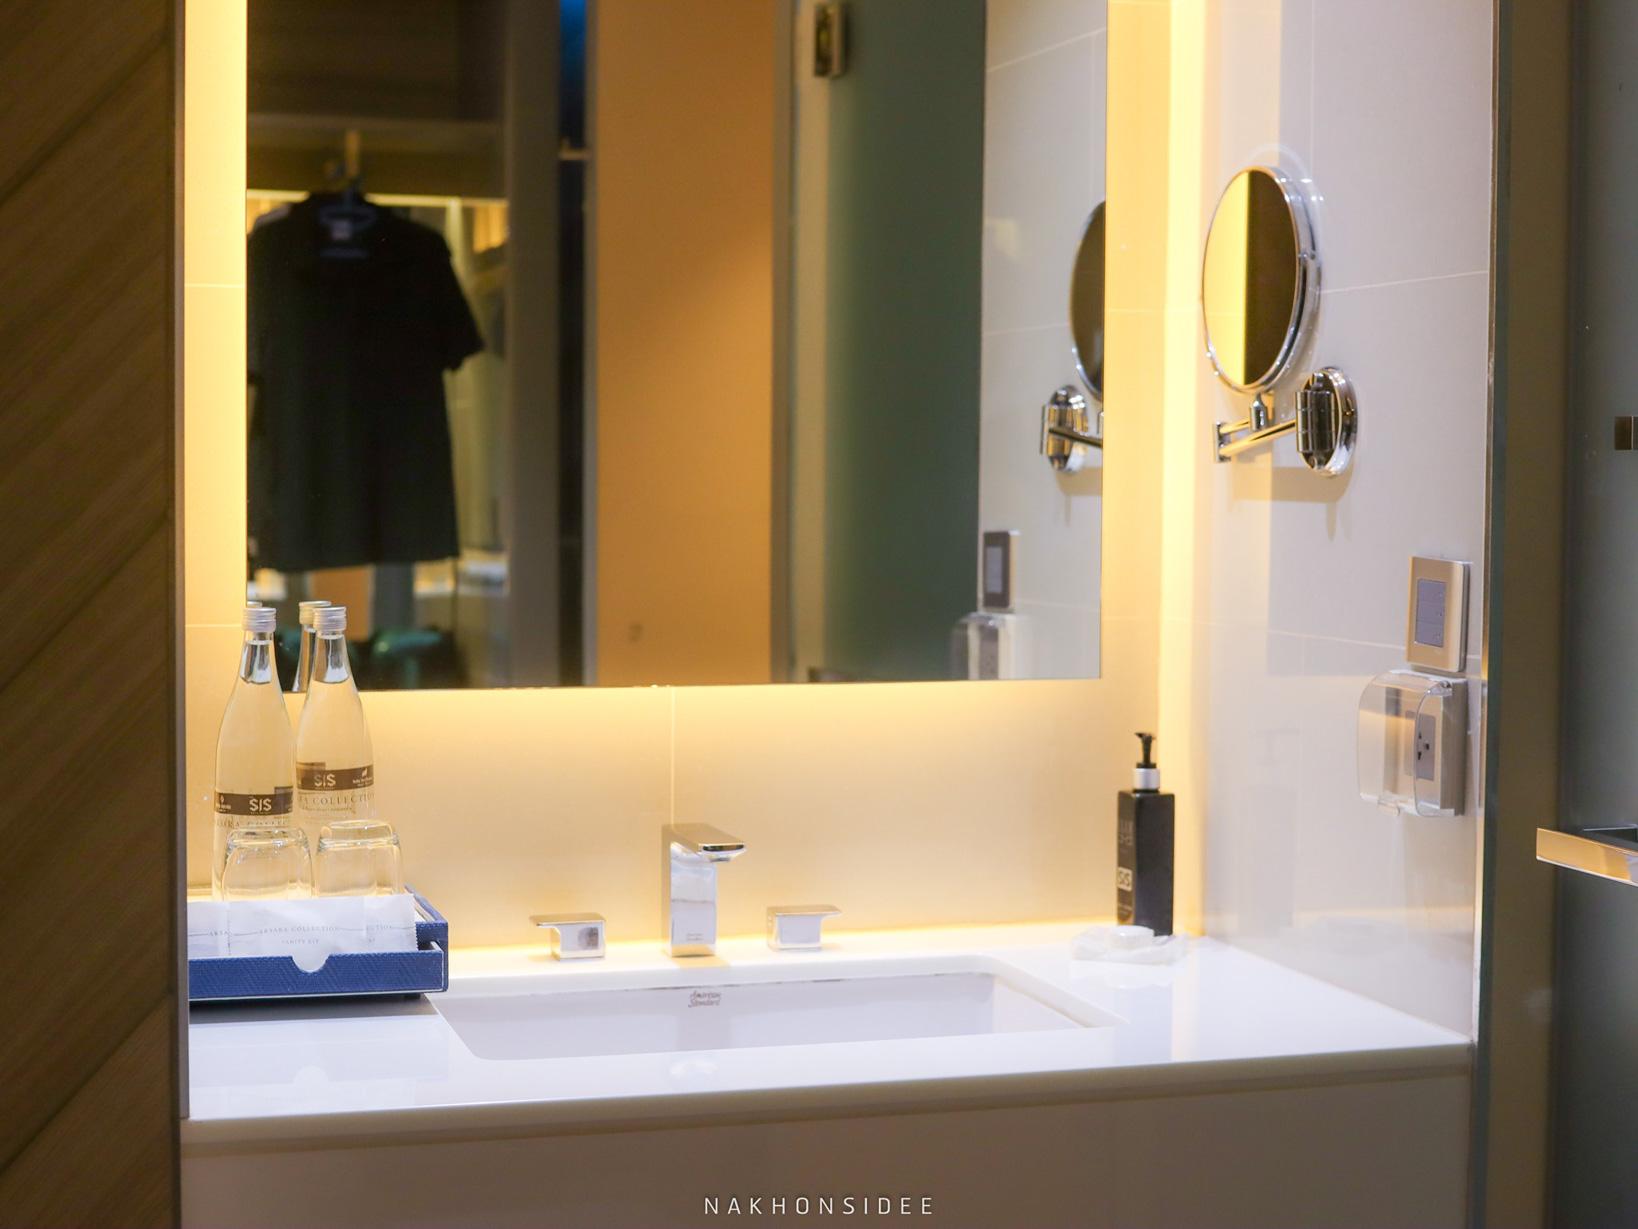 ห้องน้ำและโซนอ่างล้างหน้า-คือดีย์-ถ่ายกับกระจกก็สวยนะ  thesis,kata,ที่พักภูเก็ต,phuket,หาดกะตะ,เดอะซิสภูเก็ต